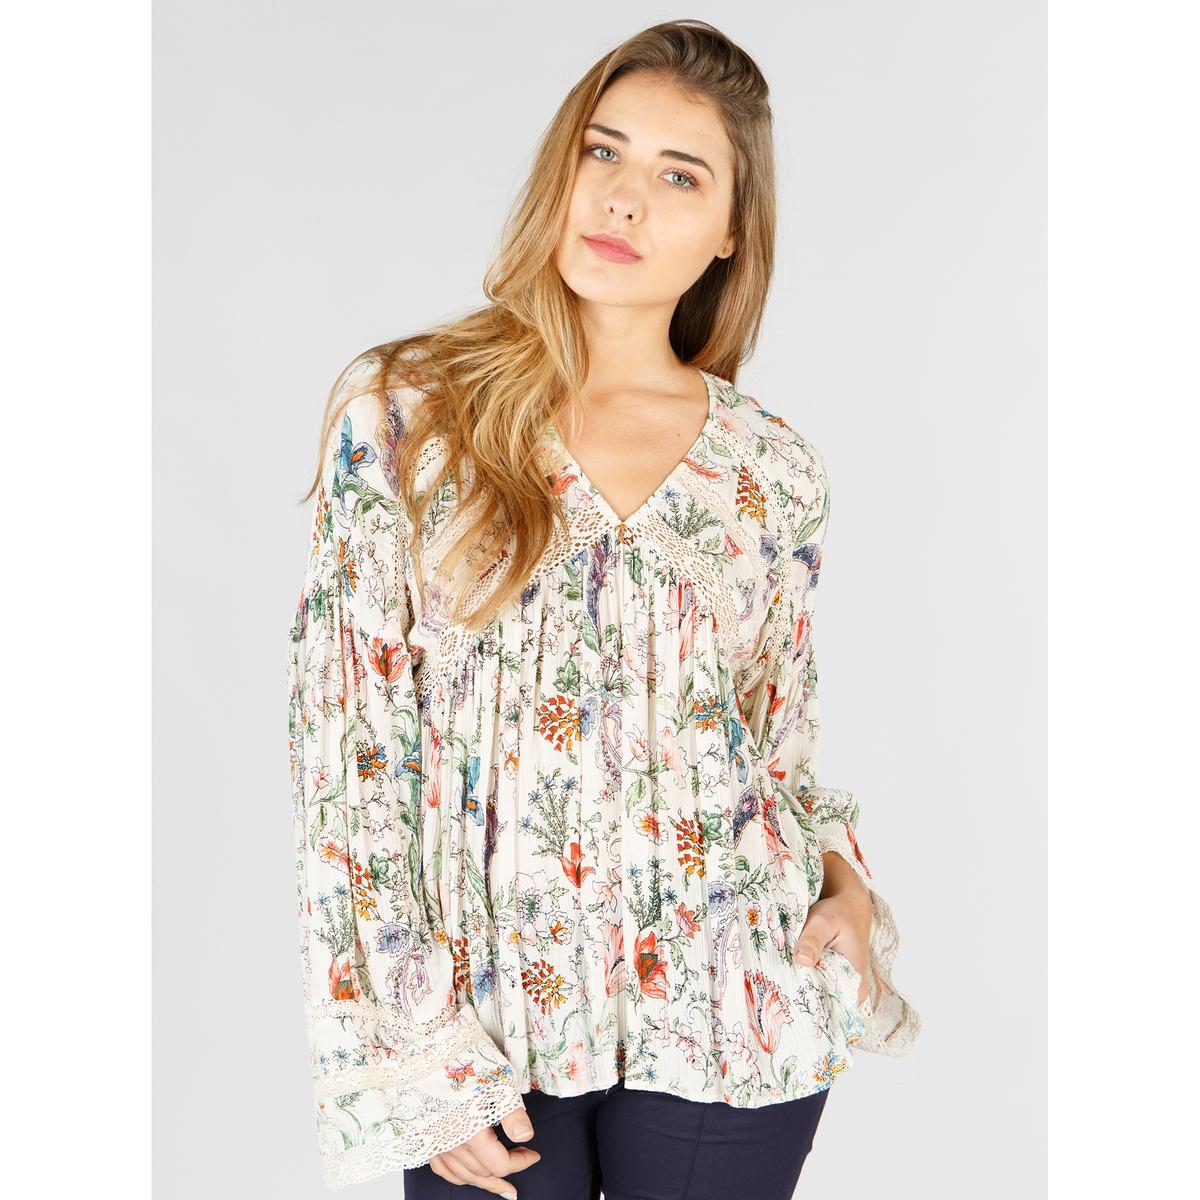 Блузка с V-образным вырезом, цветочным рисунком и длинными рукавами блузка с v образным вырезом cirque